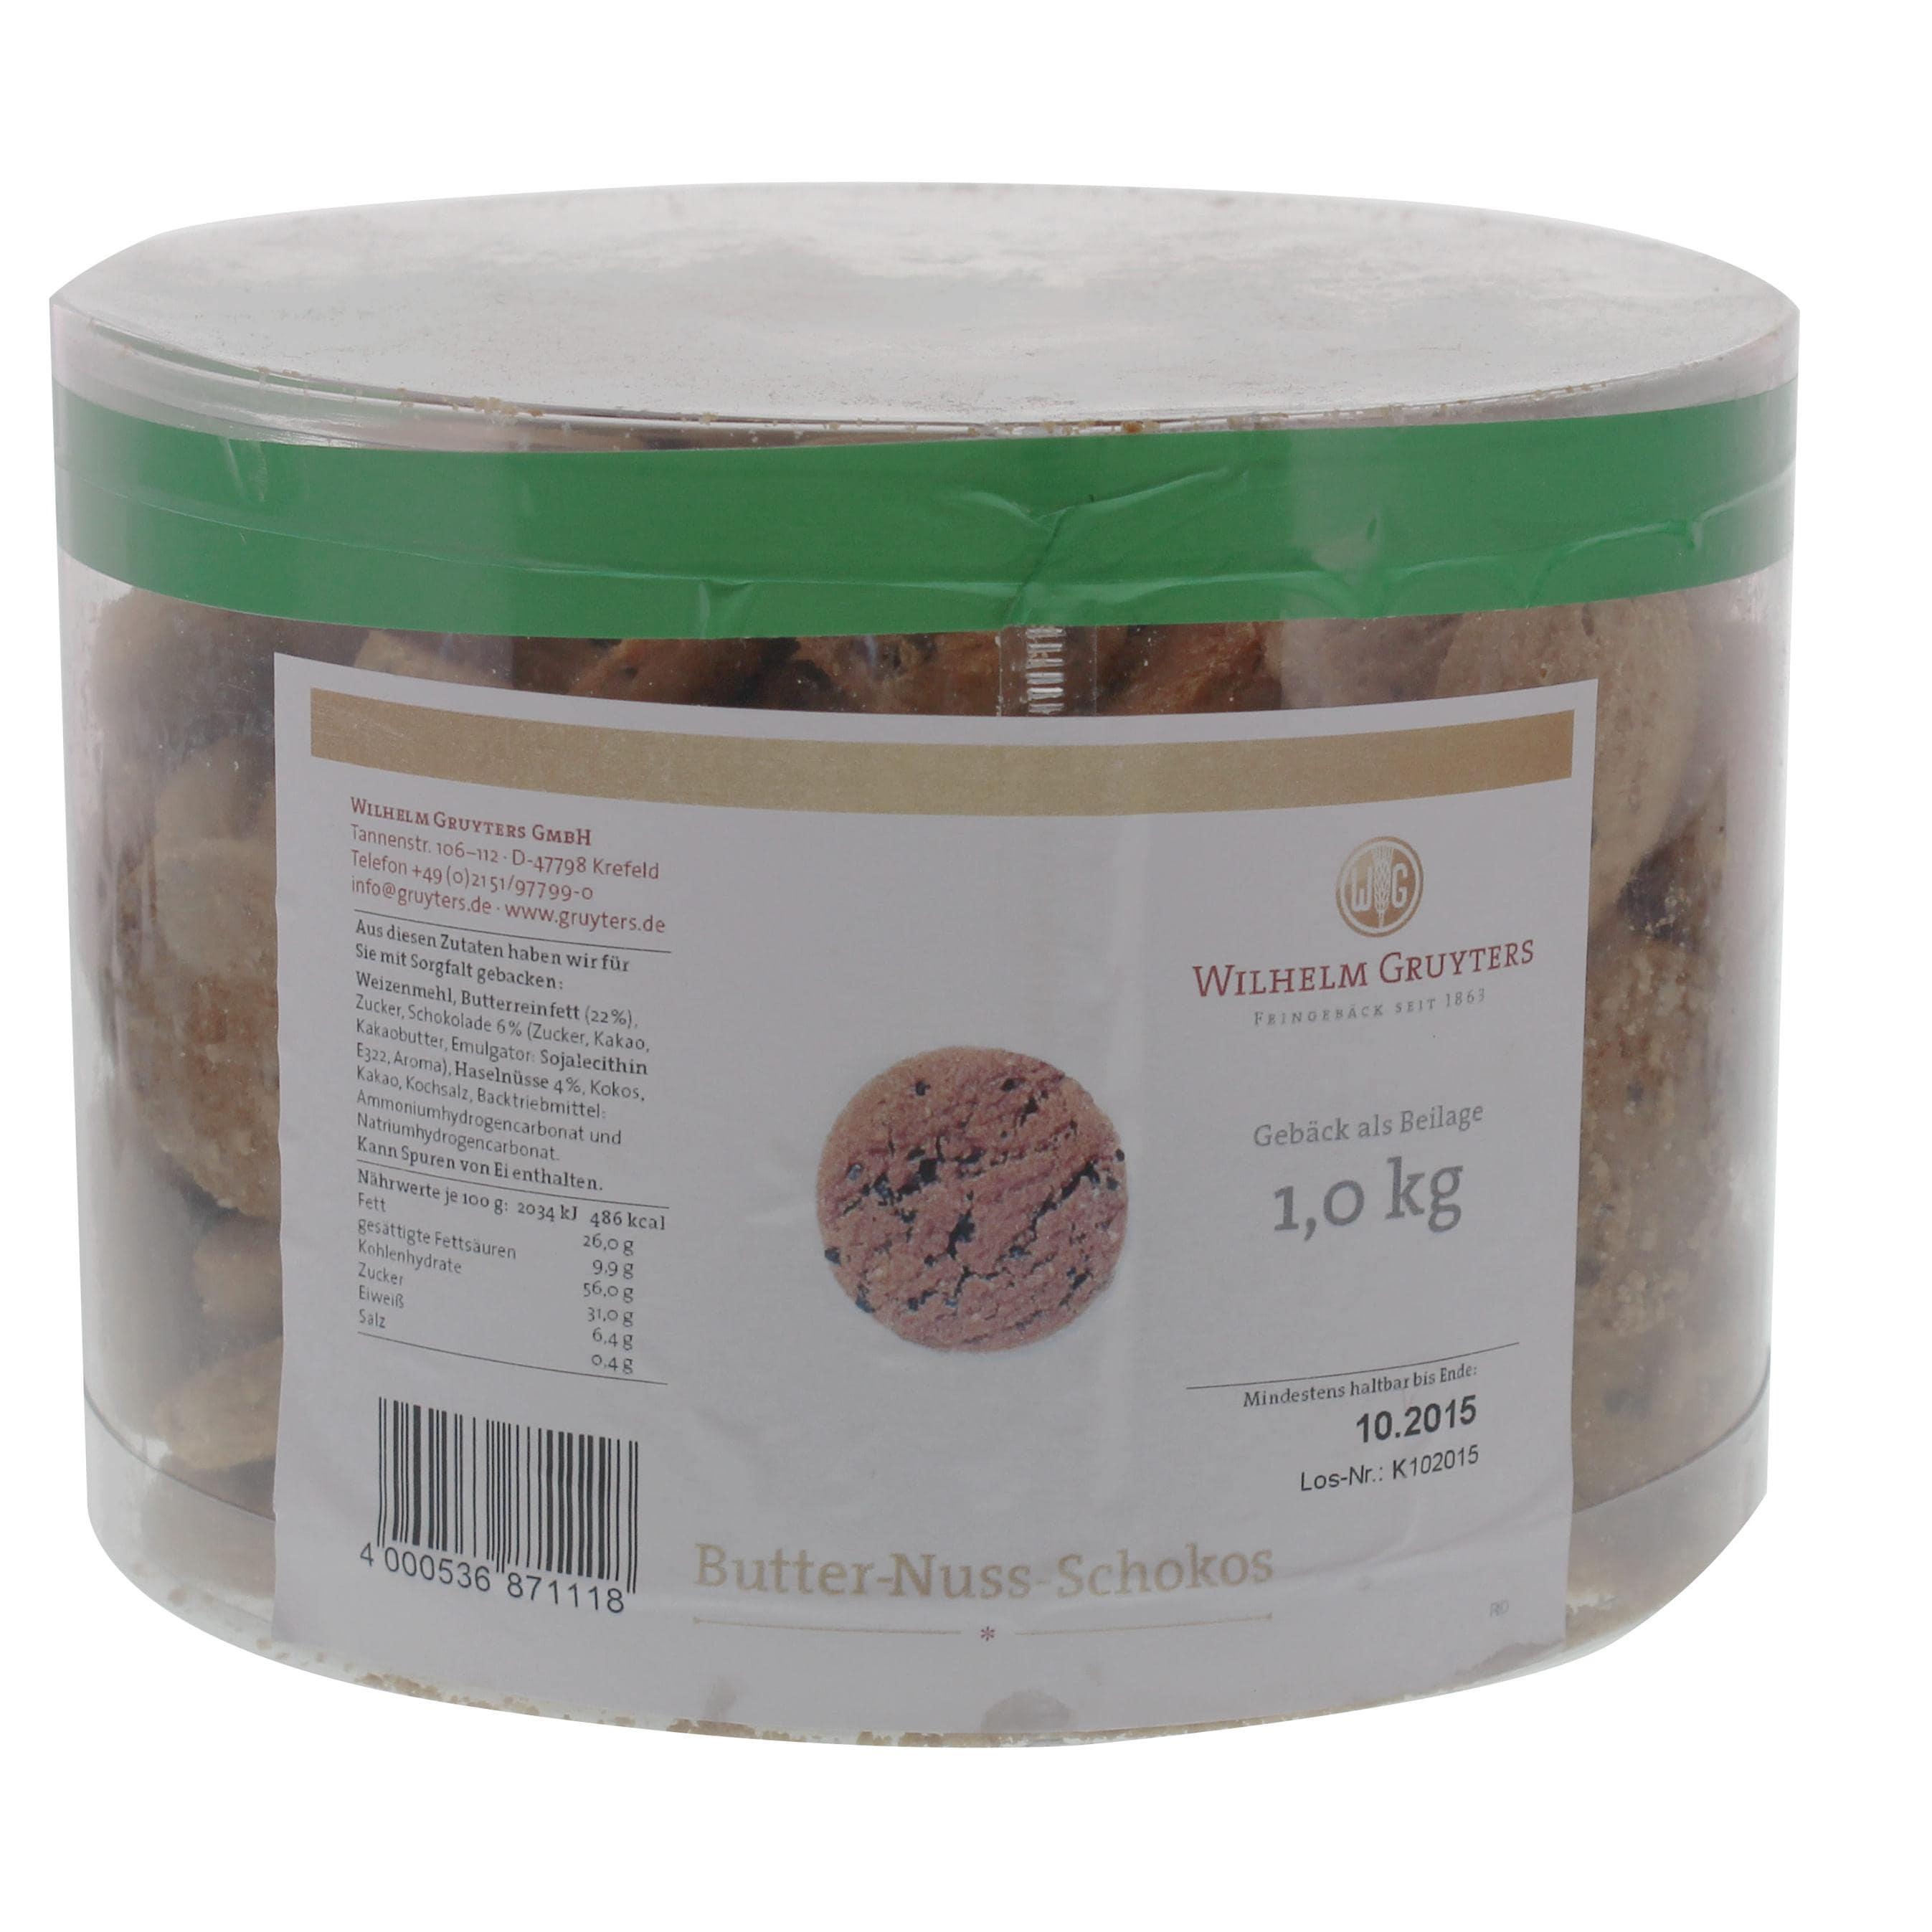 Gruyters - Butter-Nuss-Schokos - Gebäck - 1kg